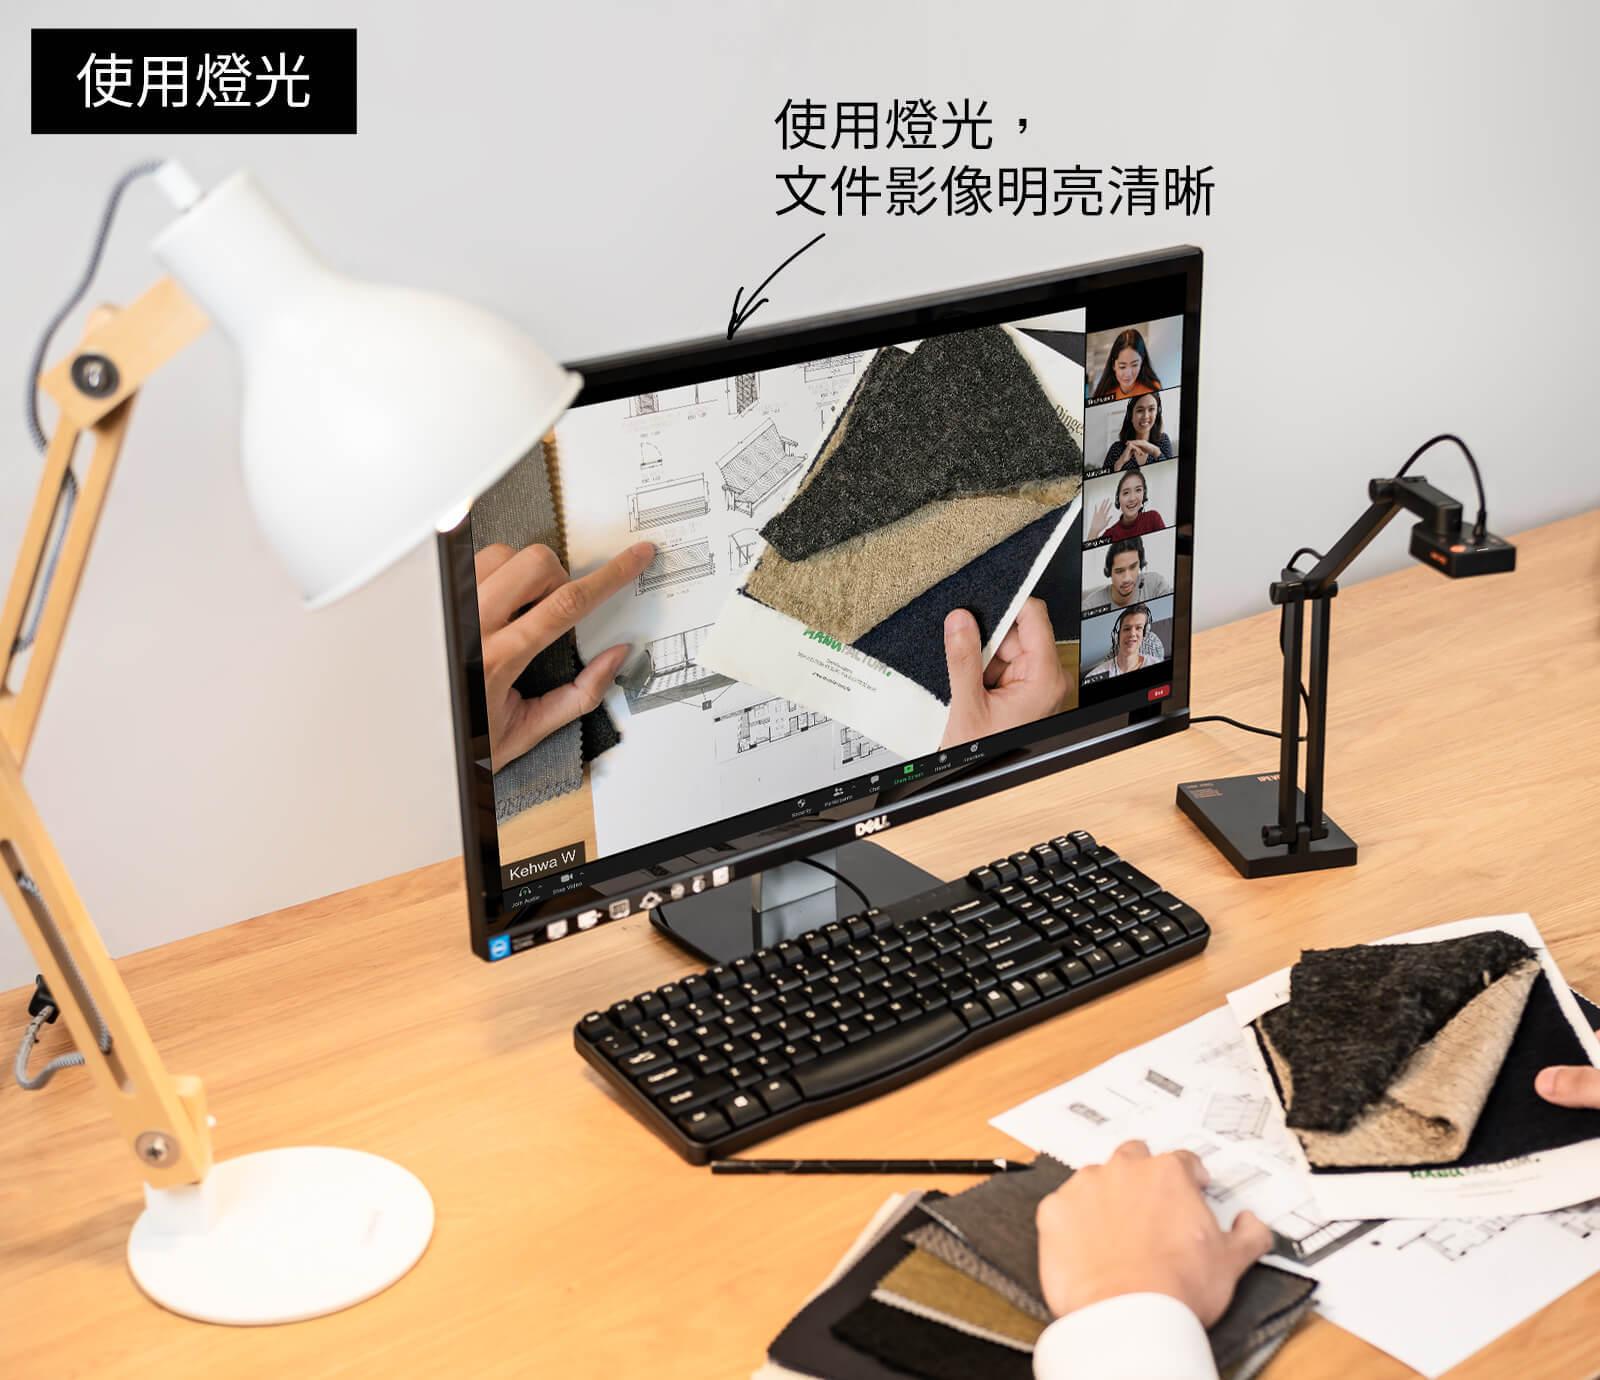 使用燈光:文件影像明亮清晰